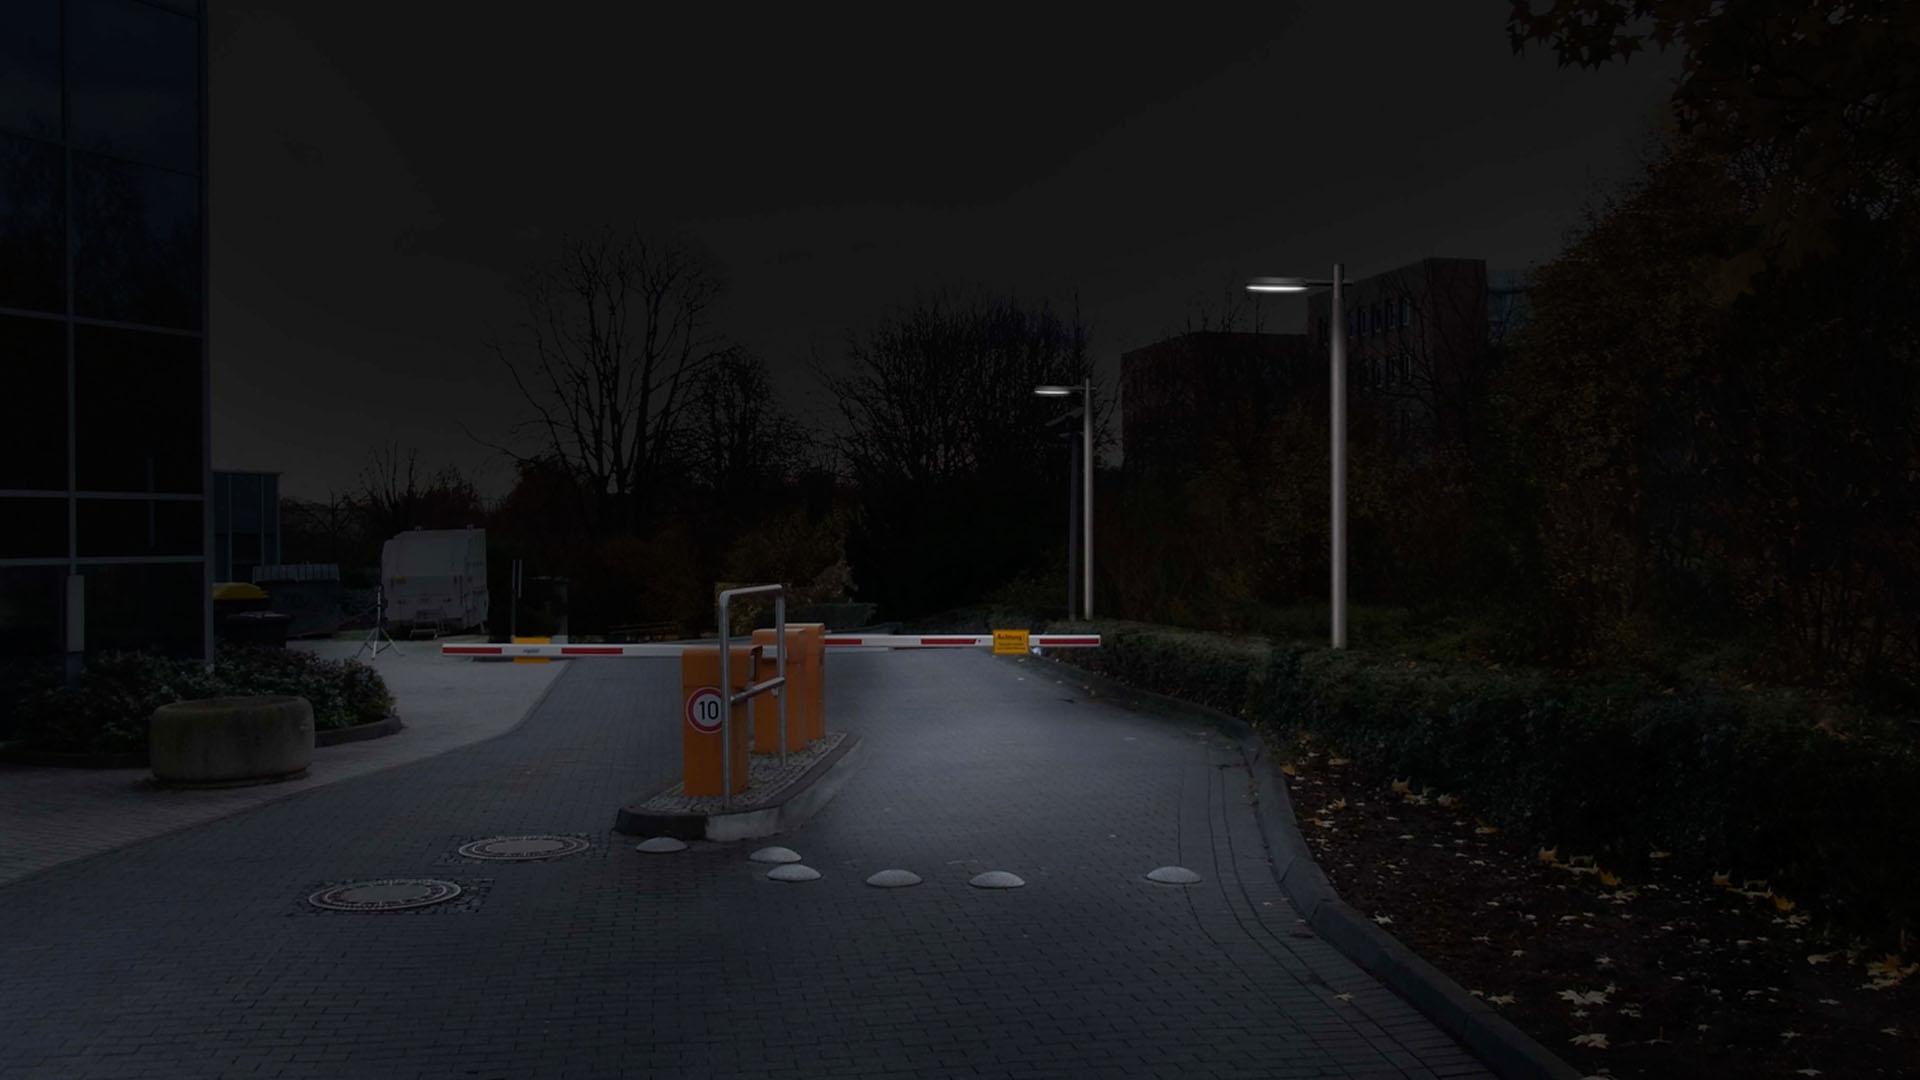 MAASS-Lichtplanung_Lichtplanung für Fassade und Freiflächen__02_Olof-Palme-Straße_Slideshow_14